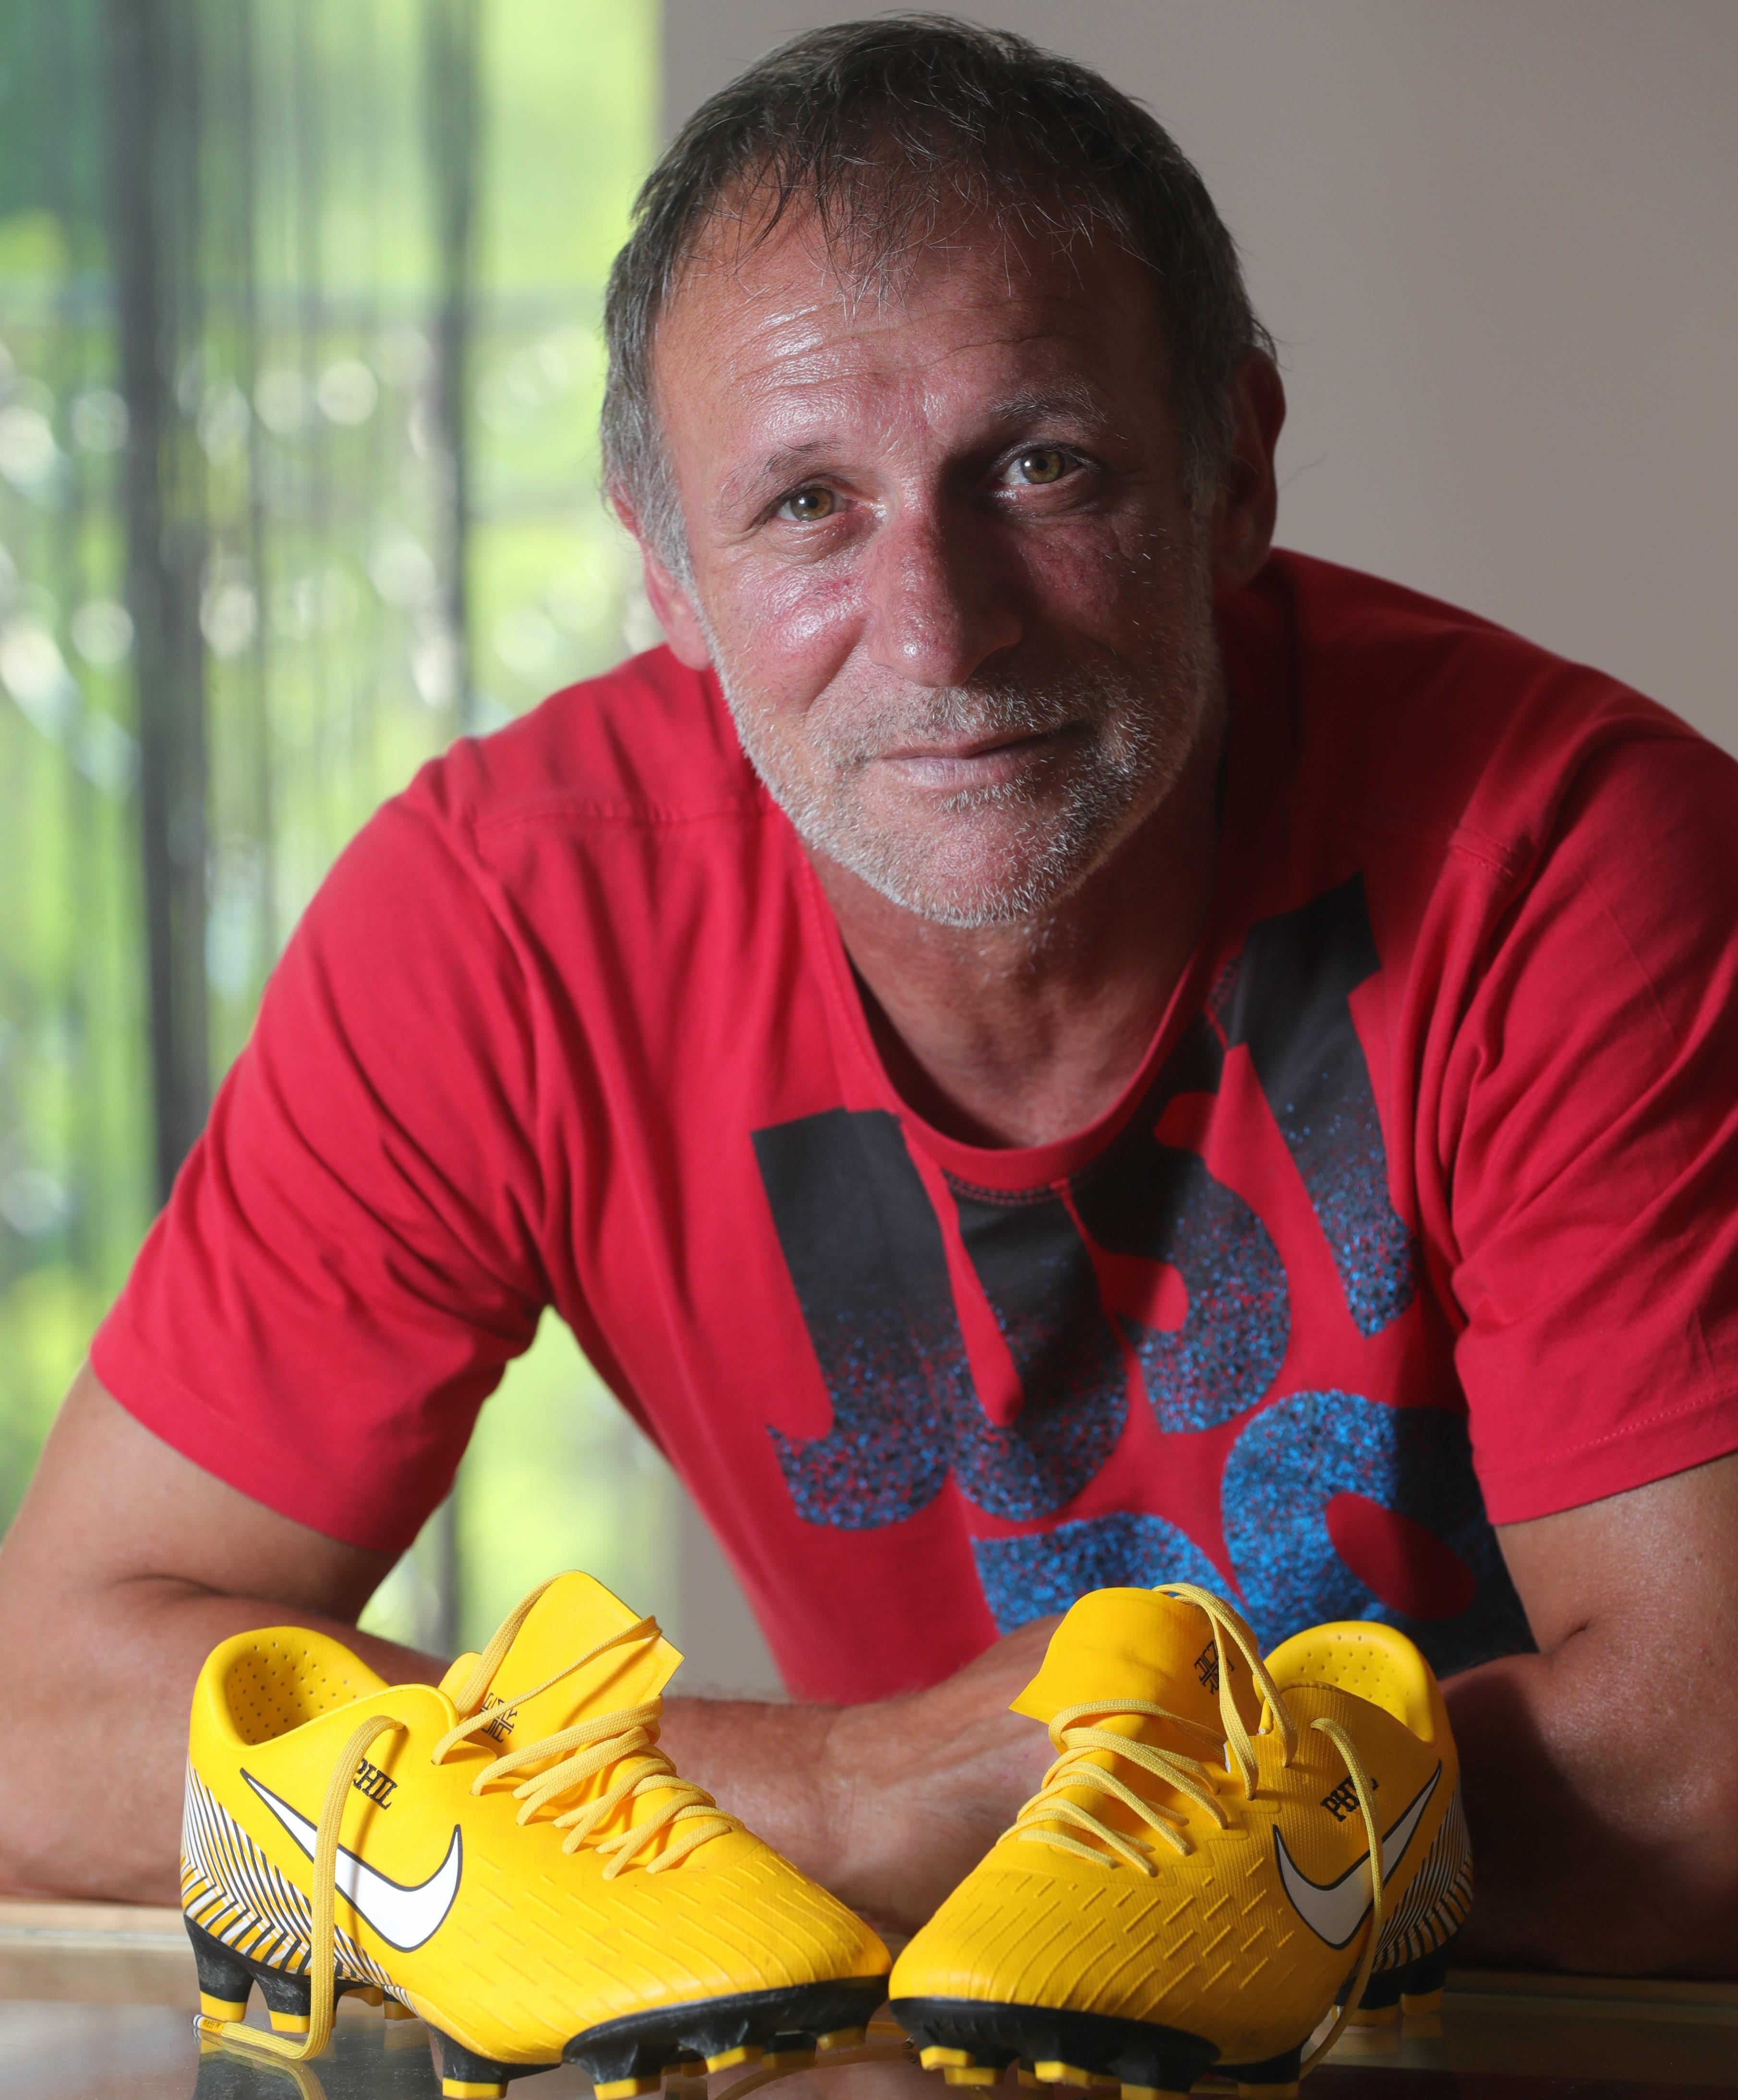 A kivételes képességű egykori focista fiatal játékosoknak tart egyéni képzést / Fotó: Varga Imre